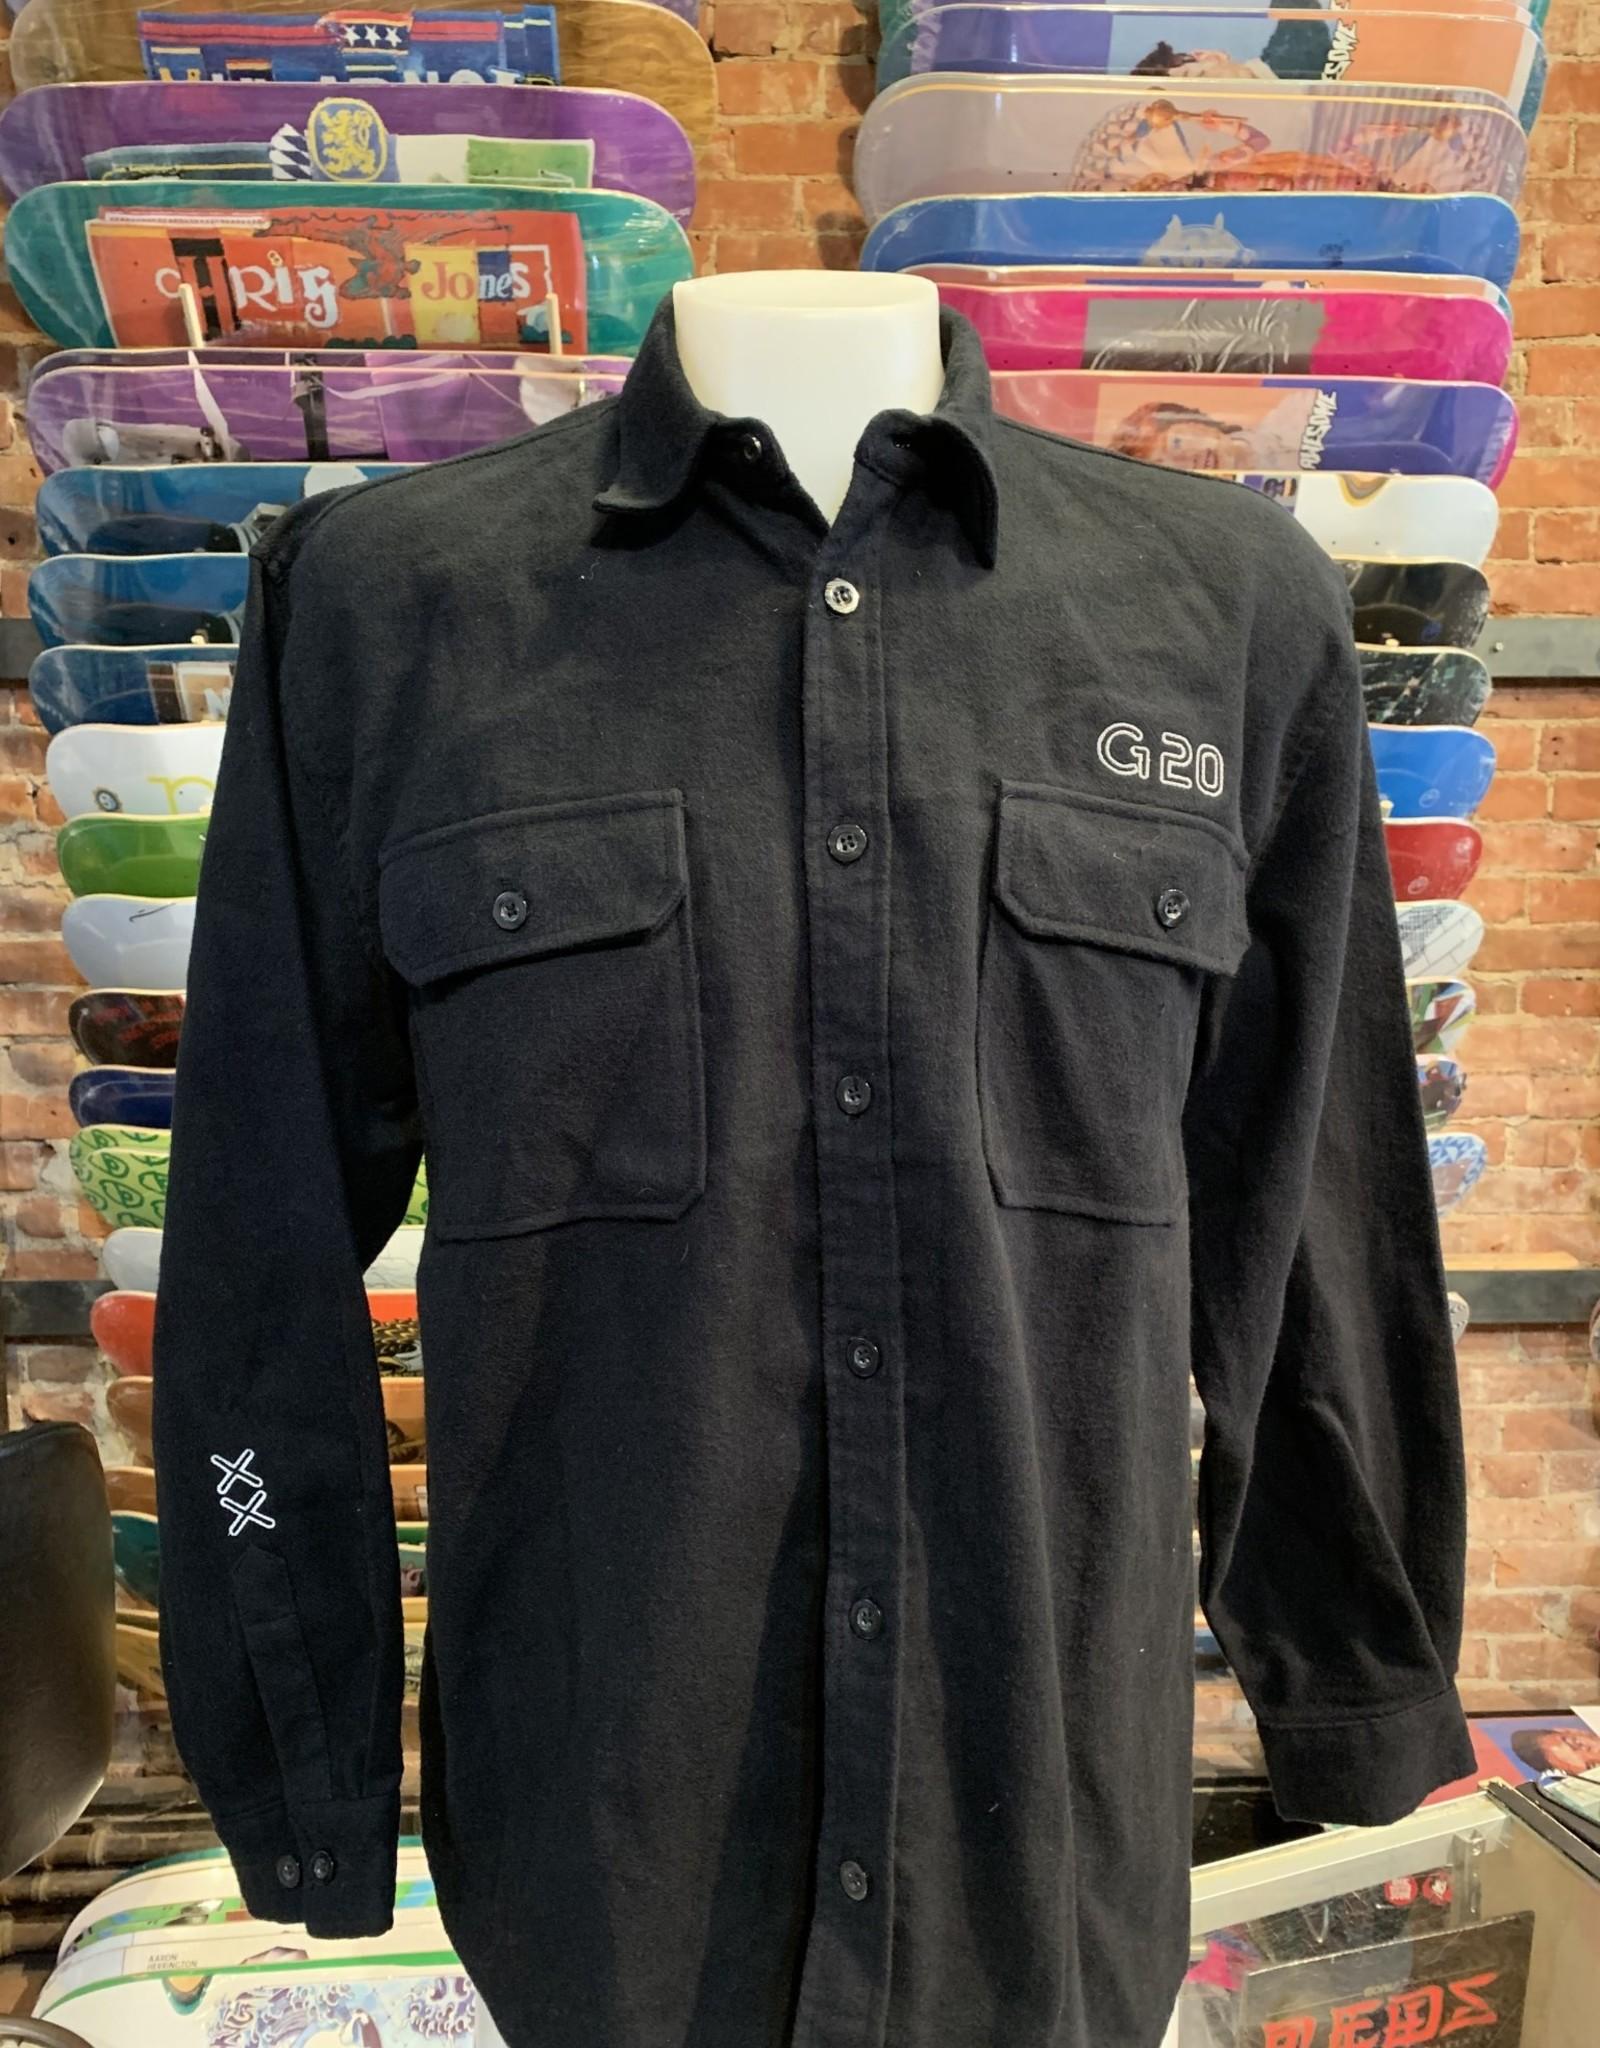 GARDEN GARDEN G-20 REFLECTIVE HEAVY WEIGHT FLANNEL BLACK